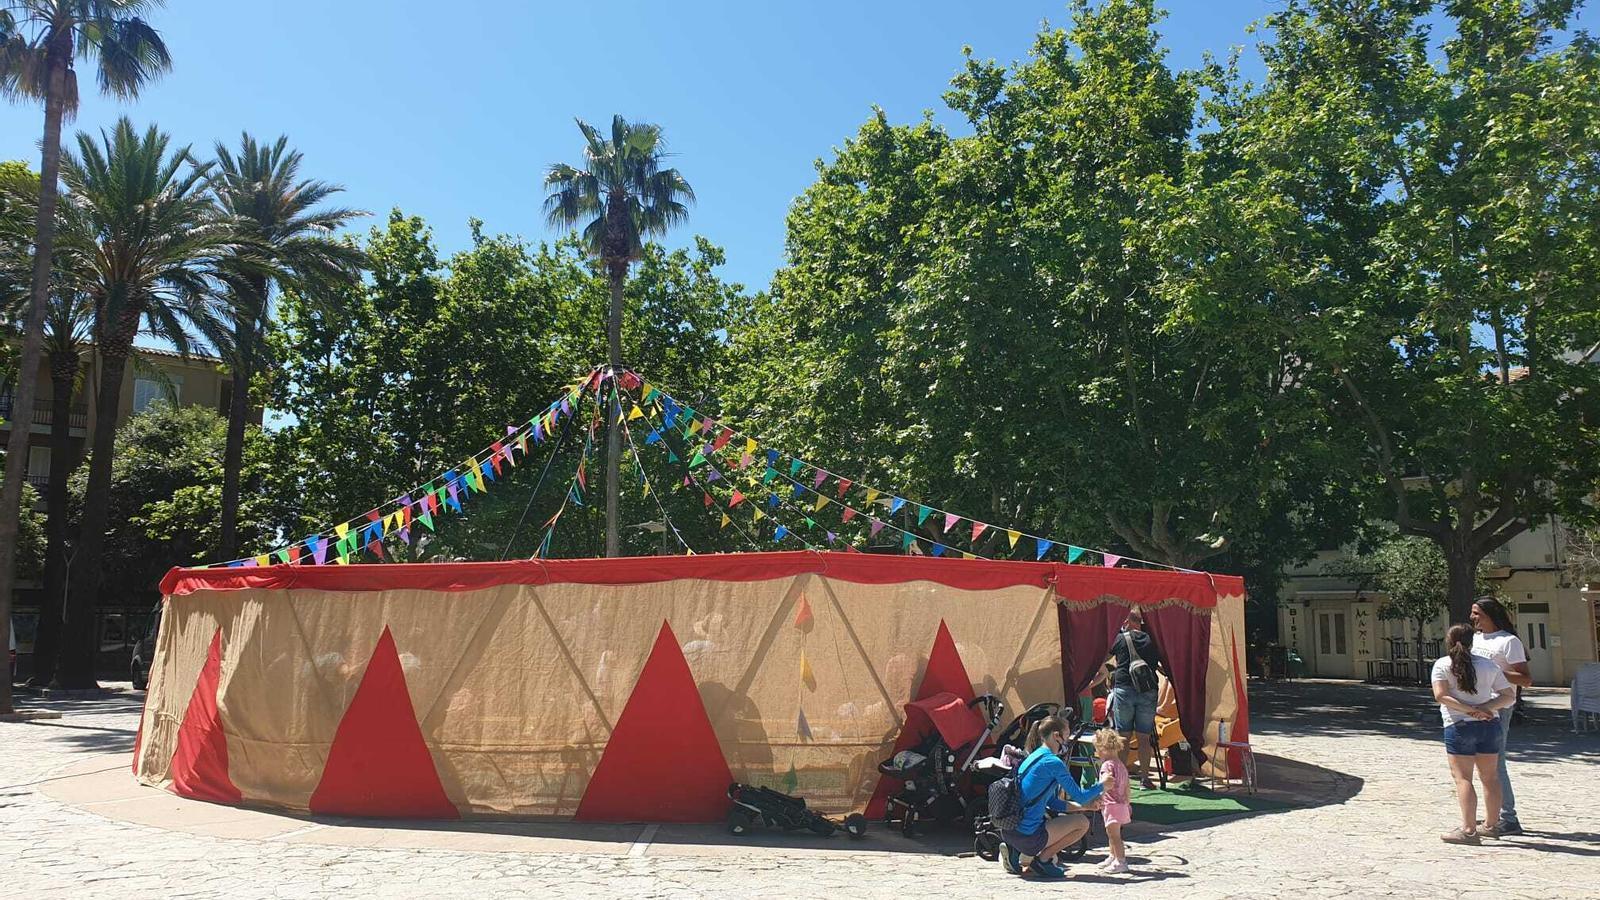 El Circ Bover commemora el 15è aniversari de la companyia rememorant els seus inicis com a circ itinerant